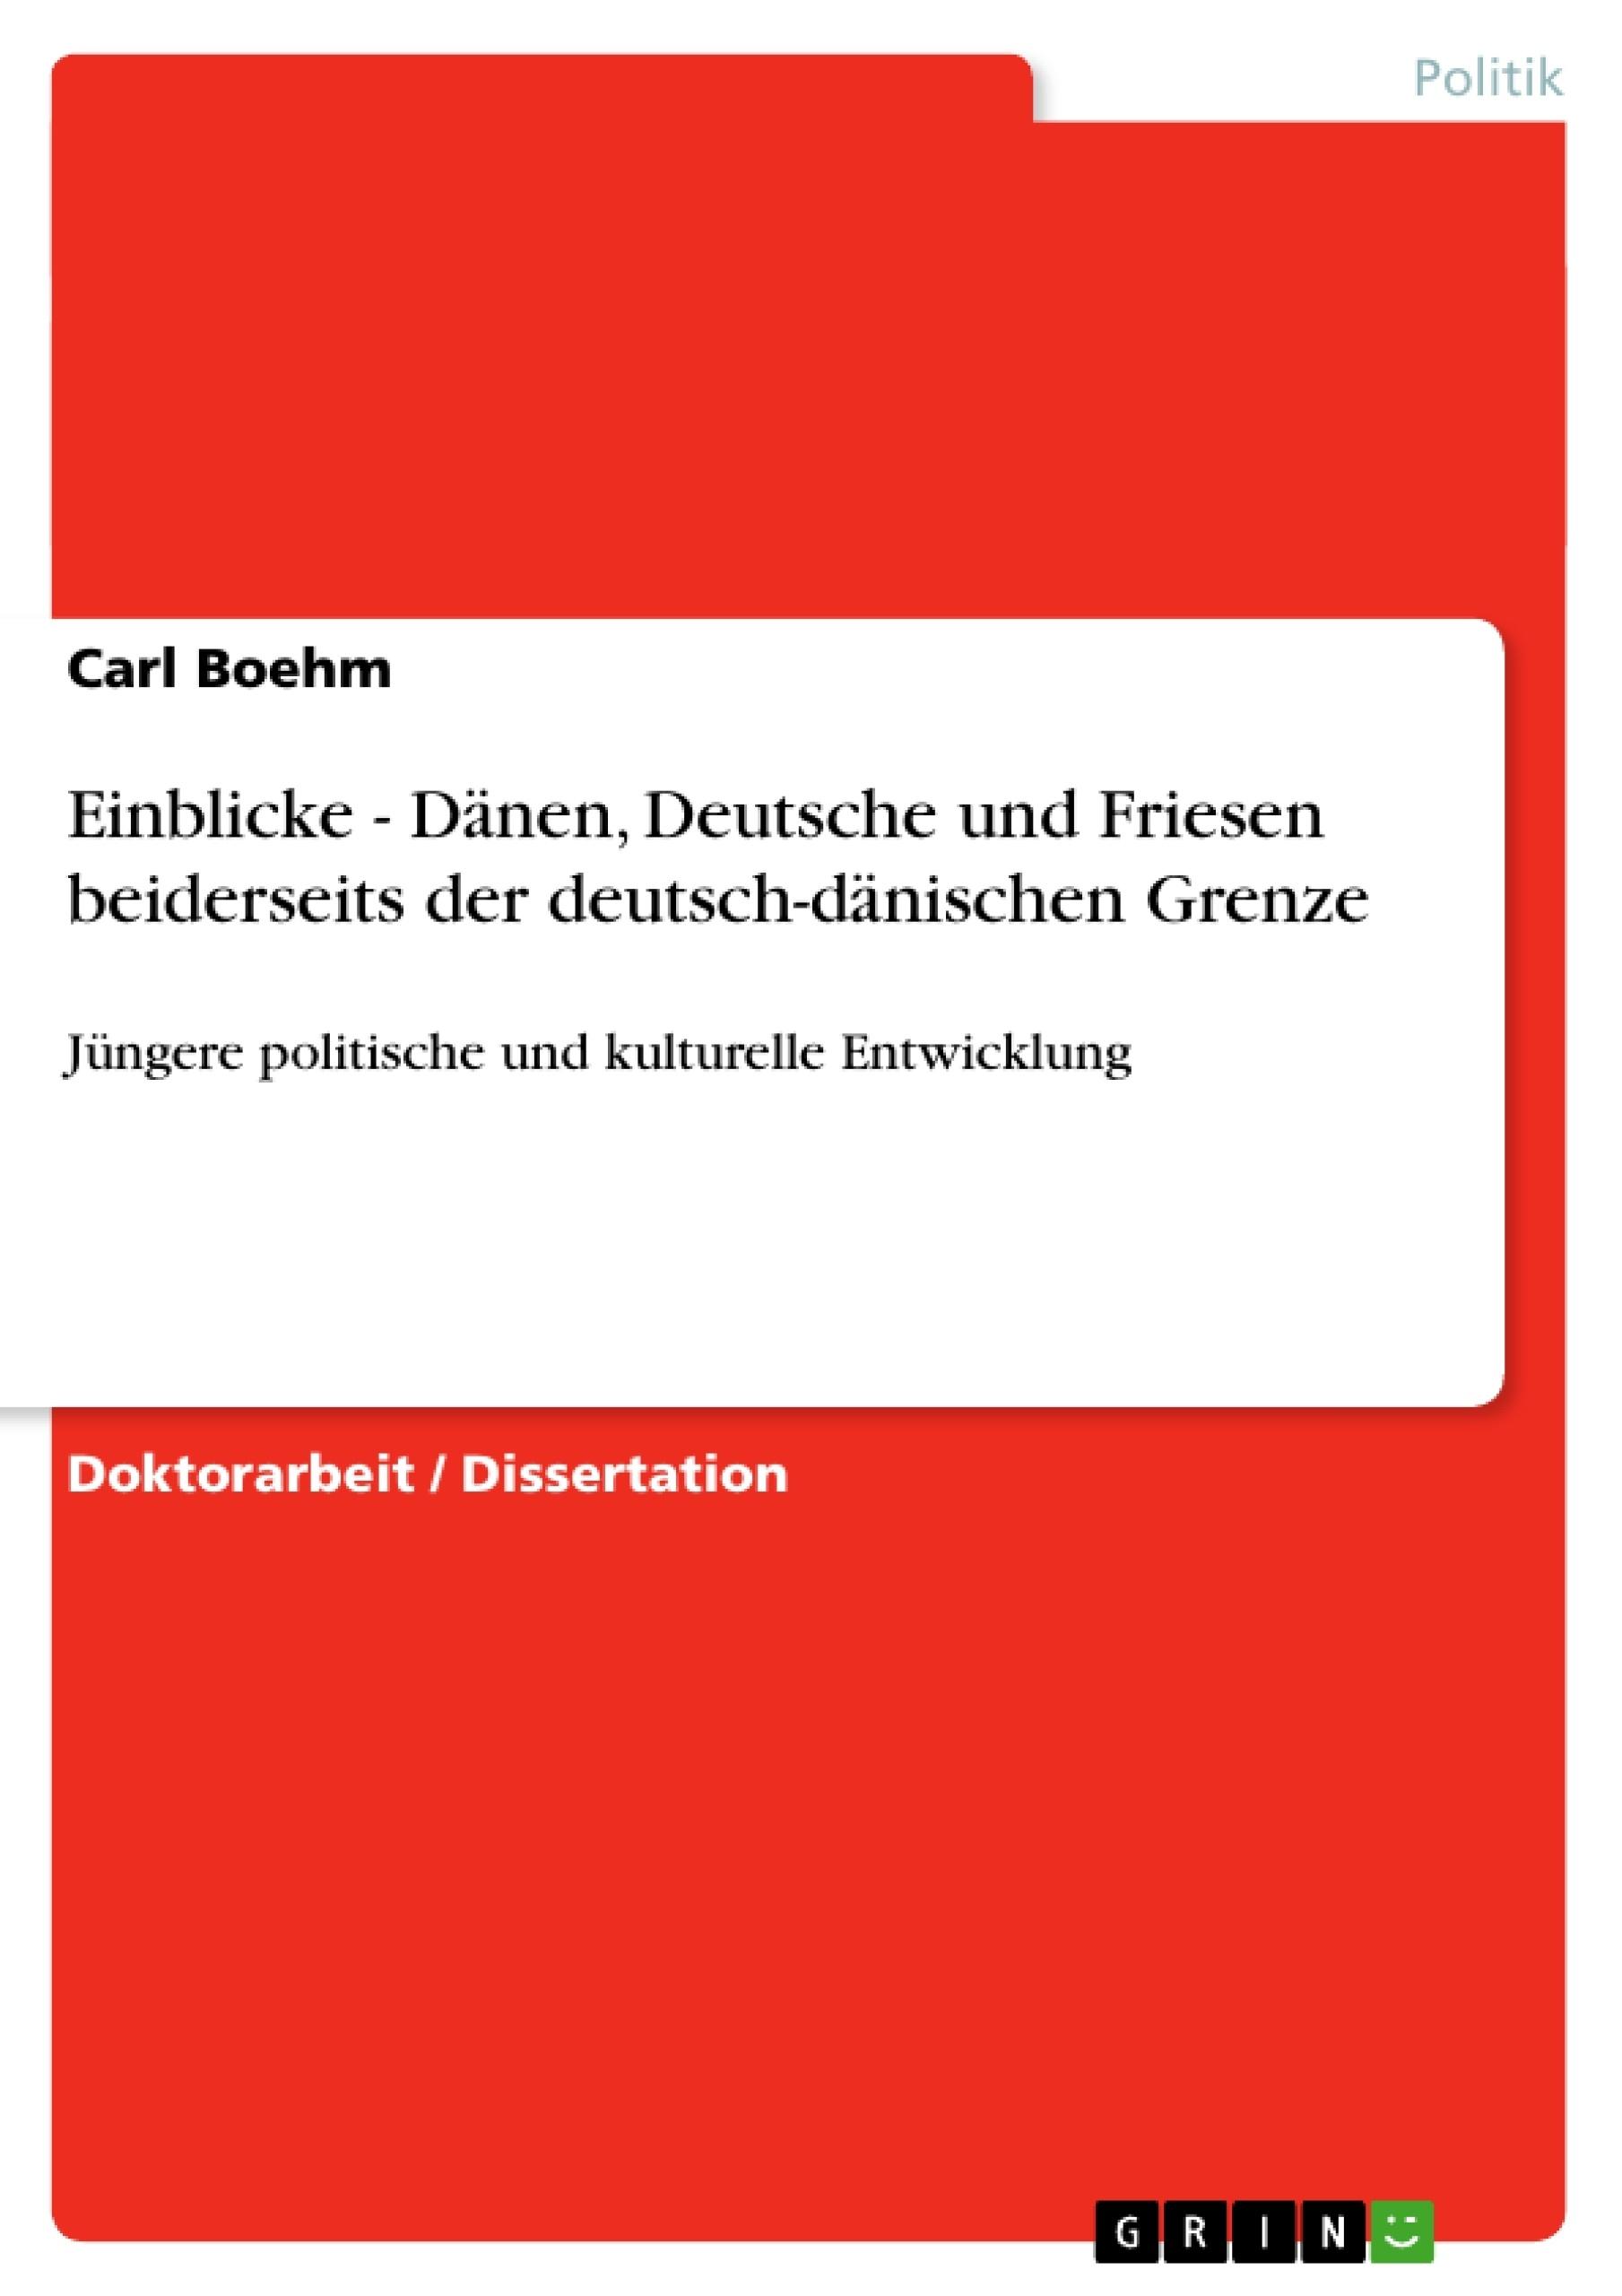 Titel: Einblicke - Dänen, Deutsche und Friesen beiderseits der deutsch-dänischen Grenze